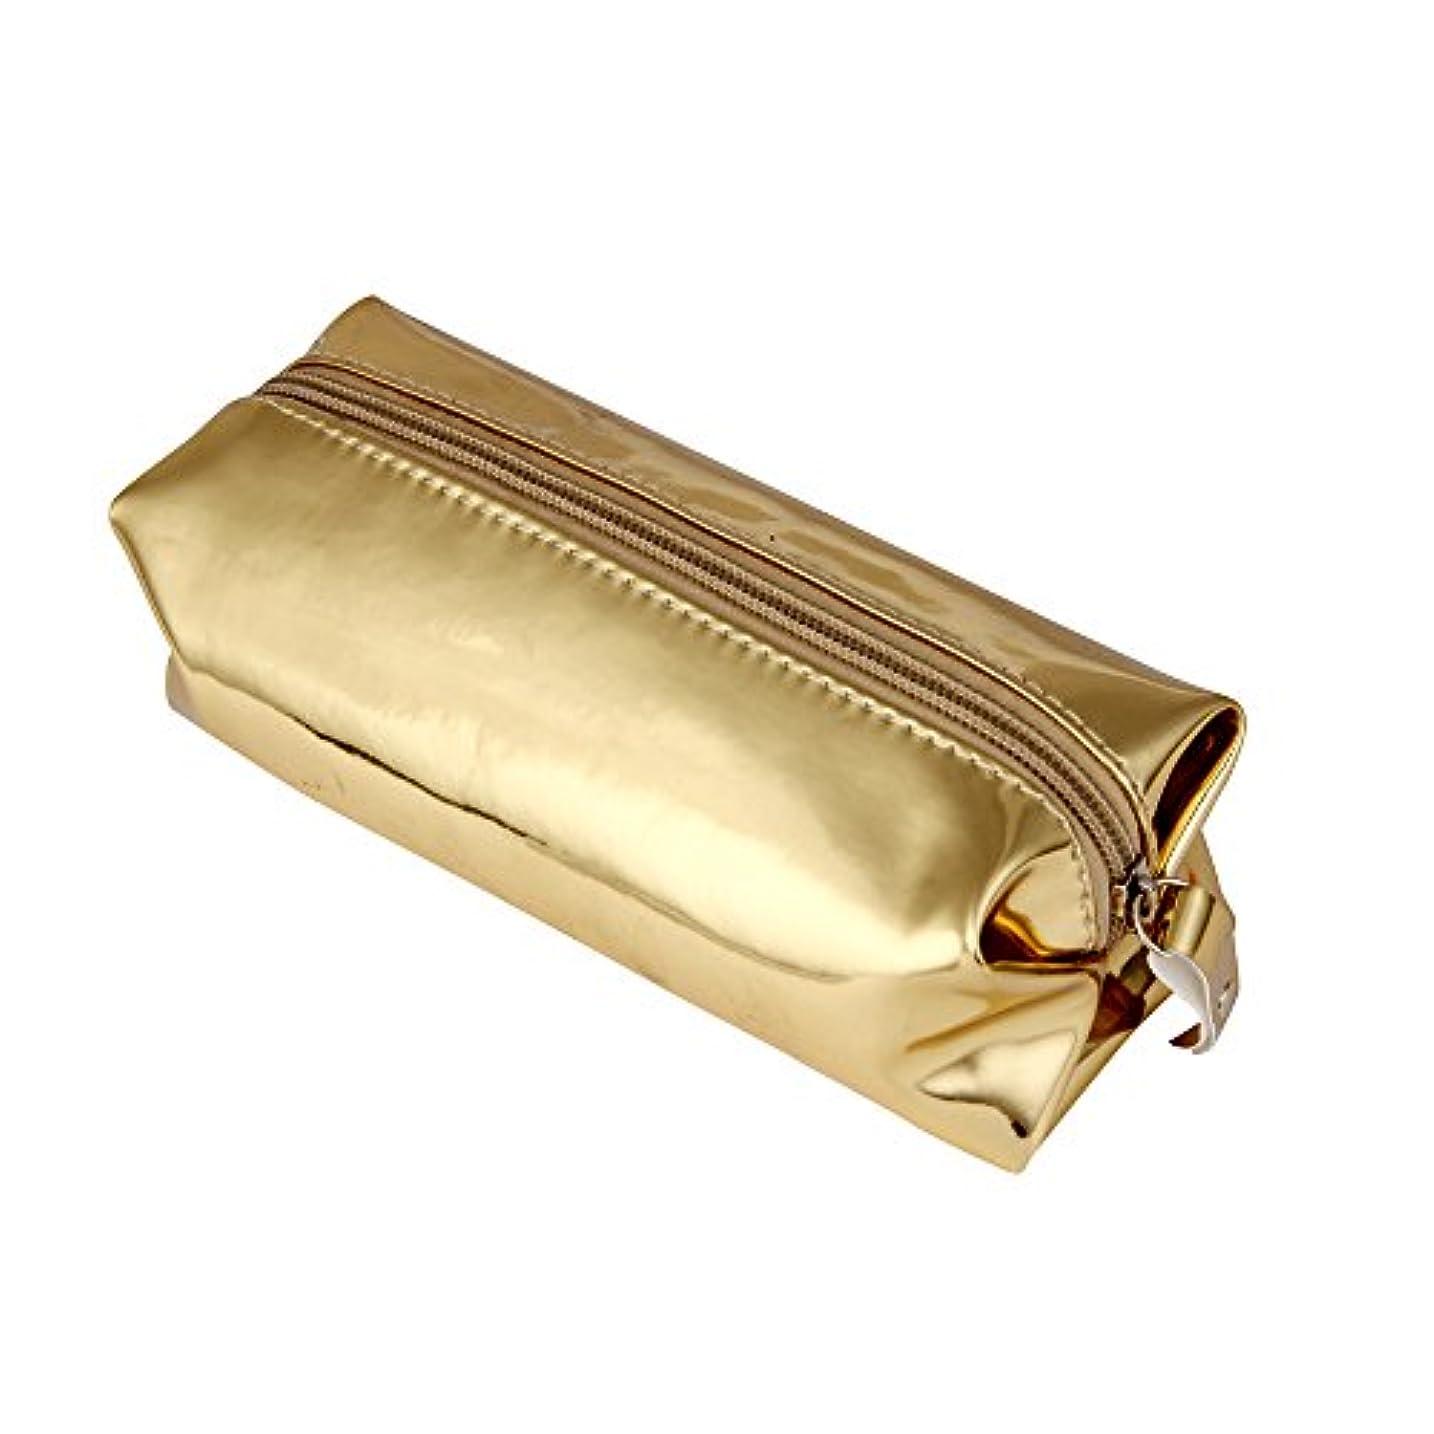 分析アライメントFortan化粧ポーチ キラキラ革 方形 化粧品 収納バッグ メイクボックス コスメポーチ メイクアップポーチ 小物入れ 大容量 携帯し易い (金色)